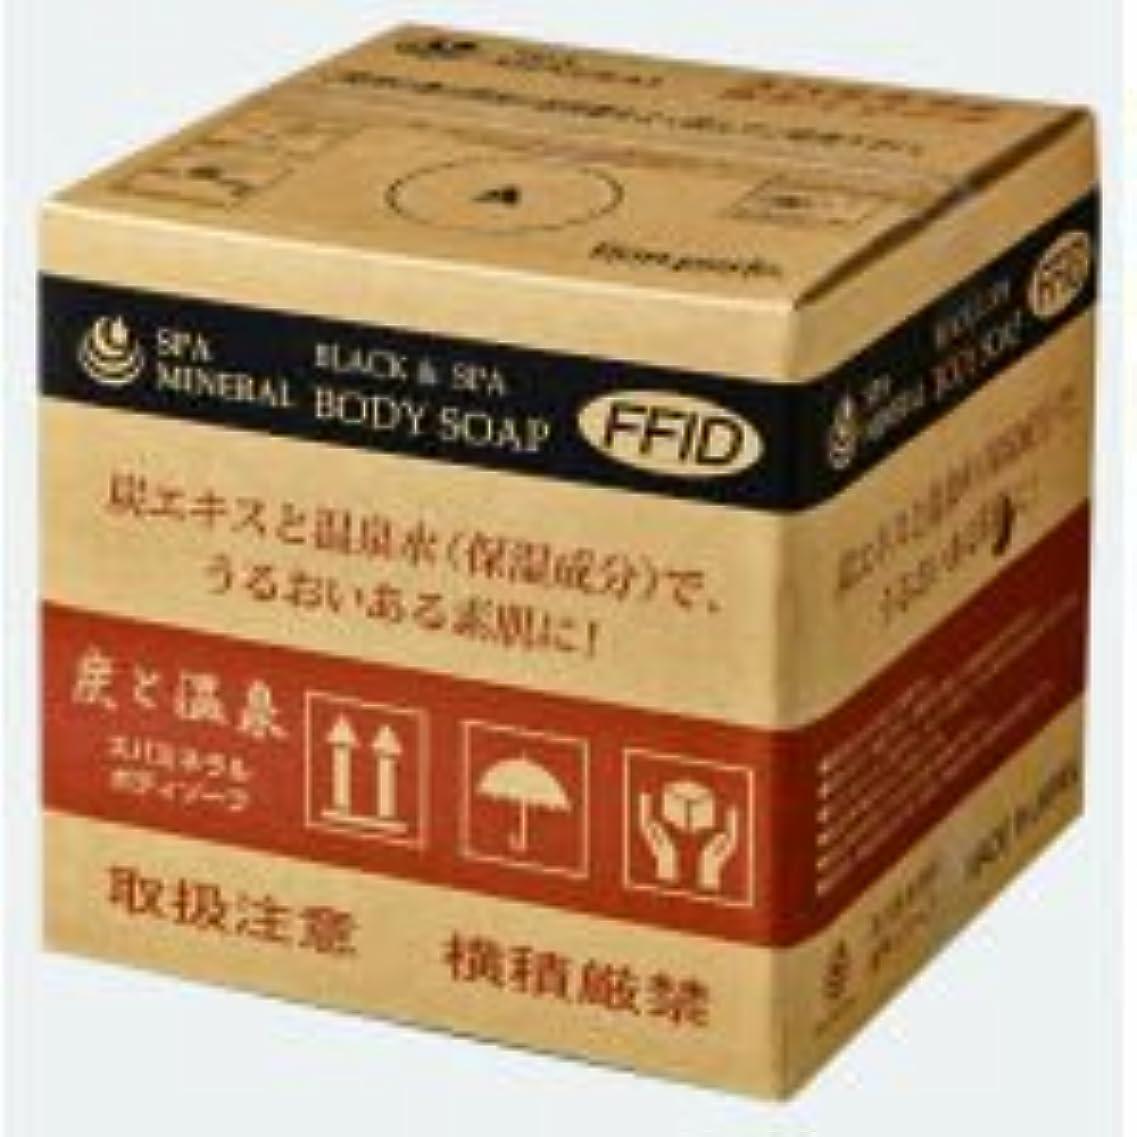 石膏有害な切手スパミネラル 炭ボディソープ 20kg 詰替用